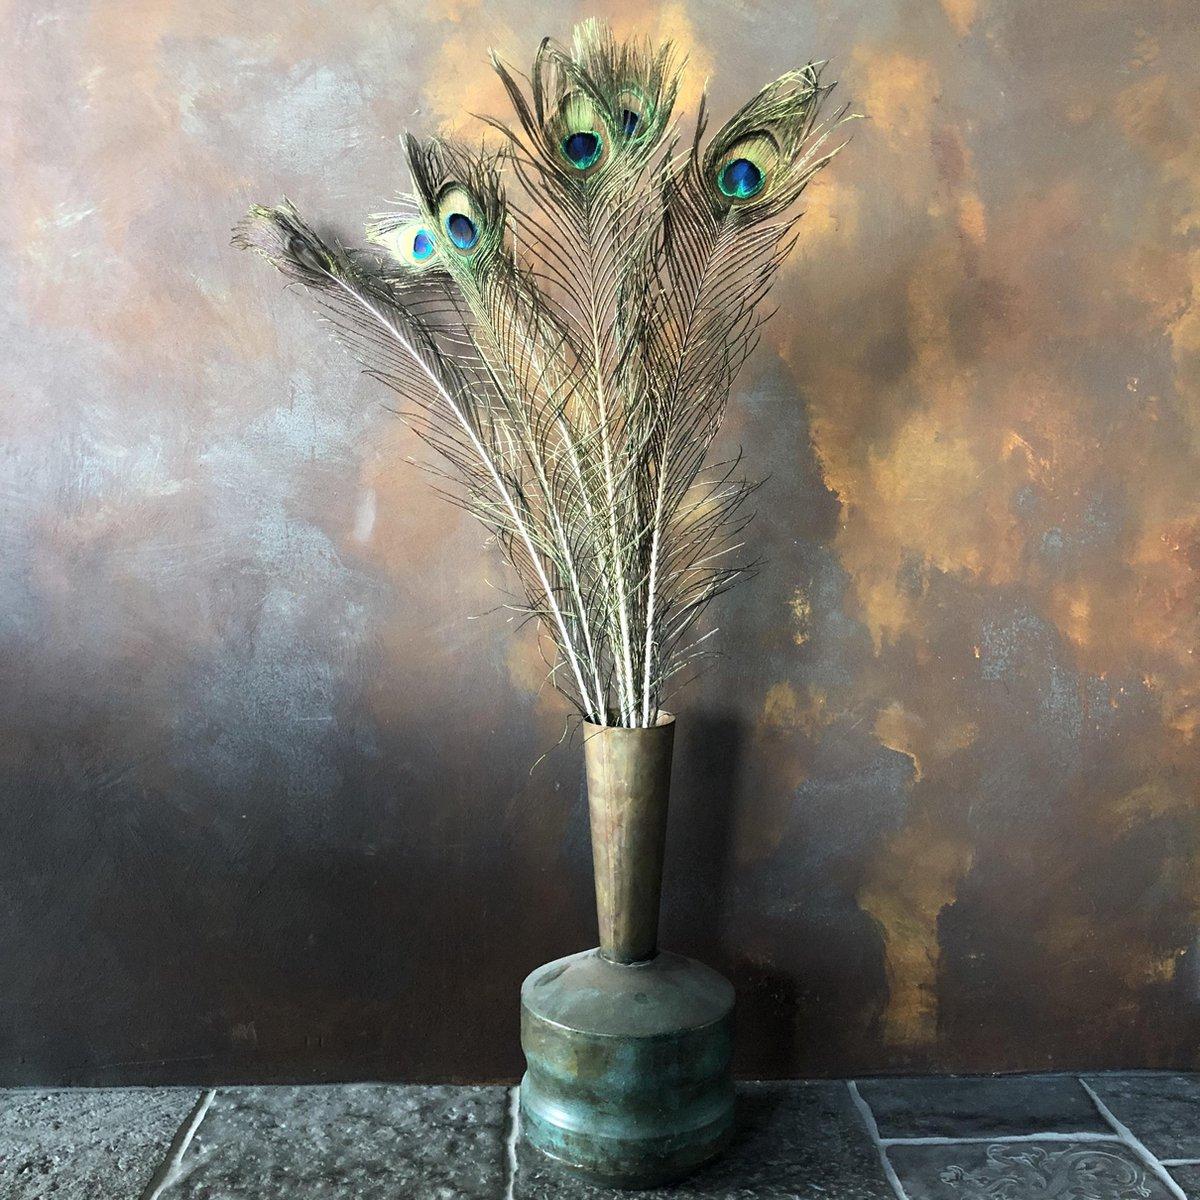 Pauwenveren 100 cm   10 stuks pauw veren   Droogbloemen   BloomitUp